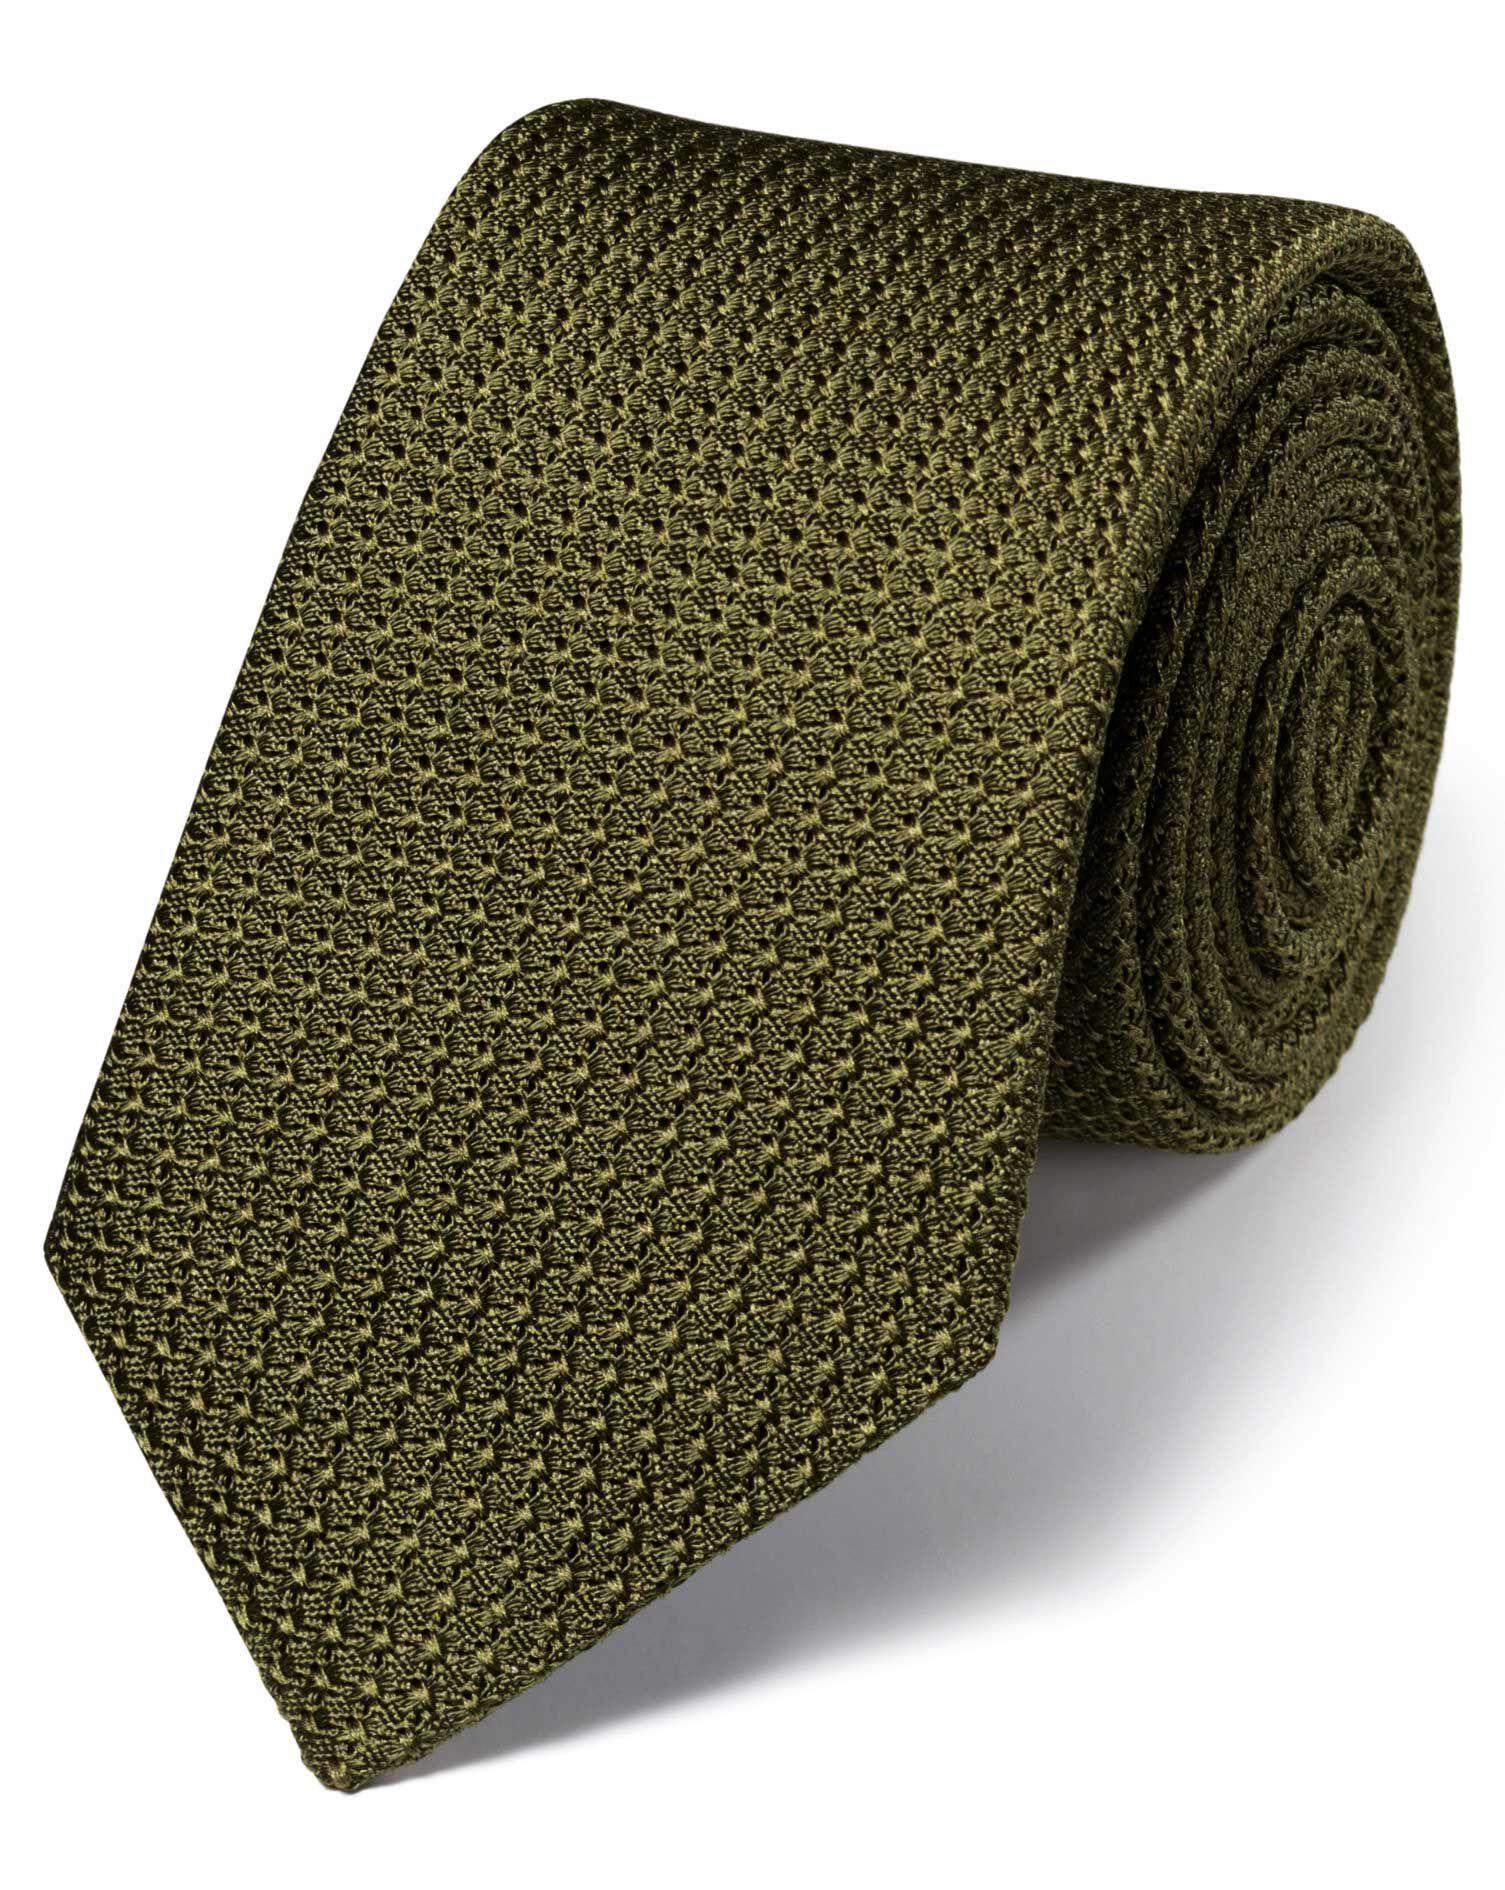 Khaki Silk Plain Grenadine Italian Luxury Tie Size OSFA by Charles Tyrwhitt